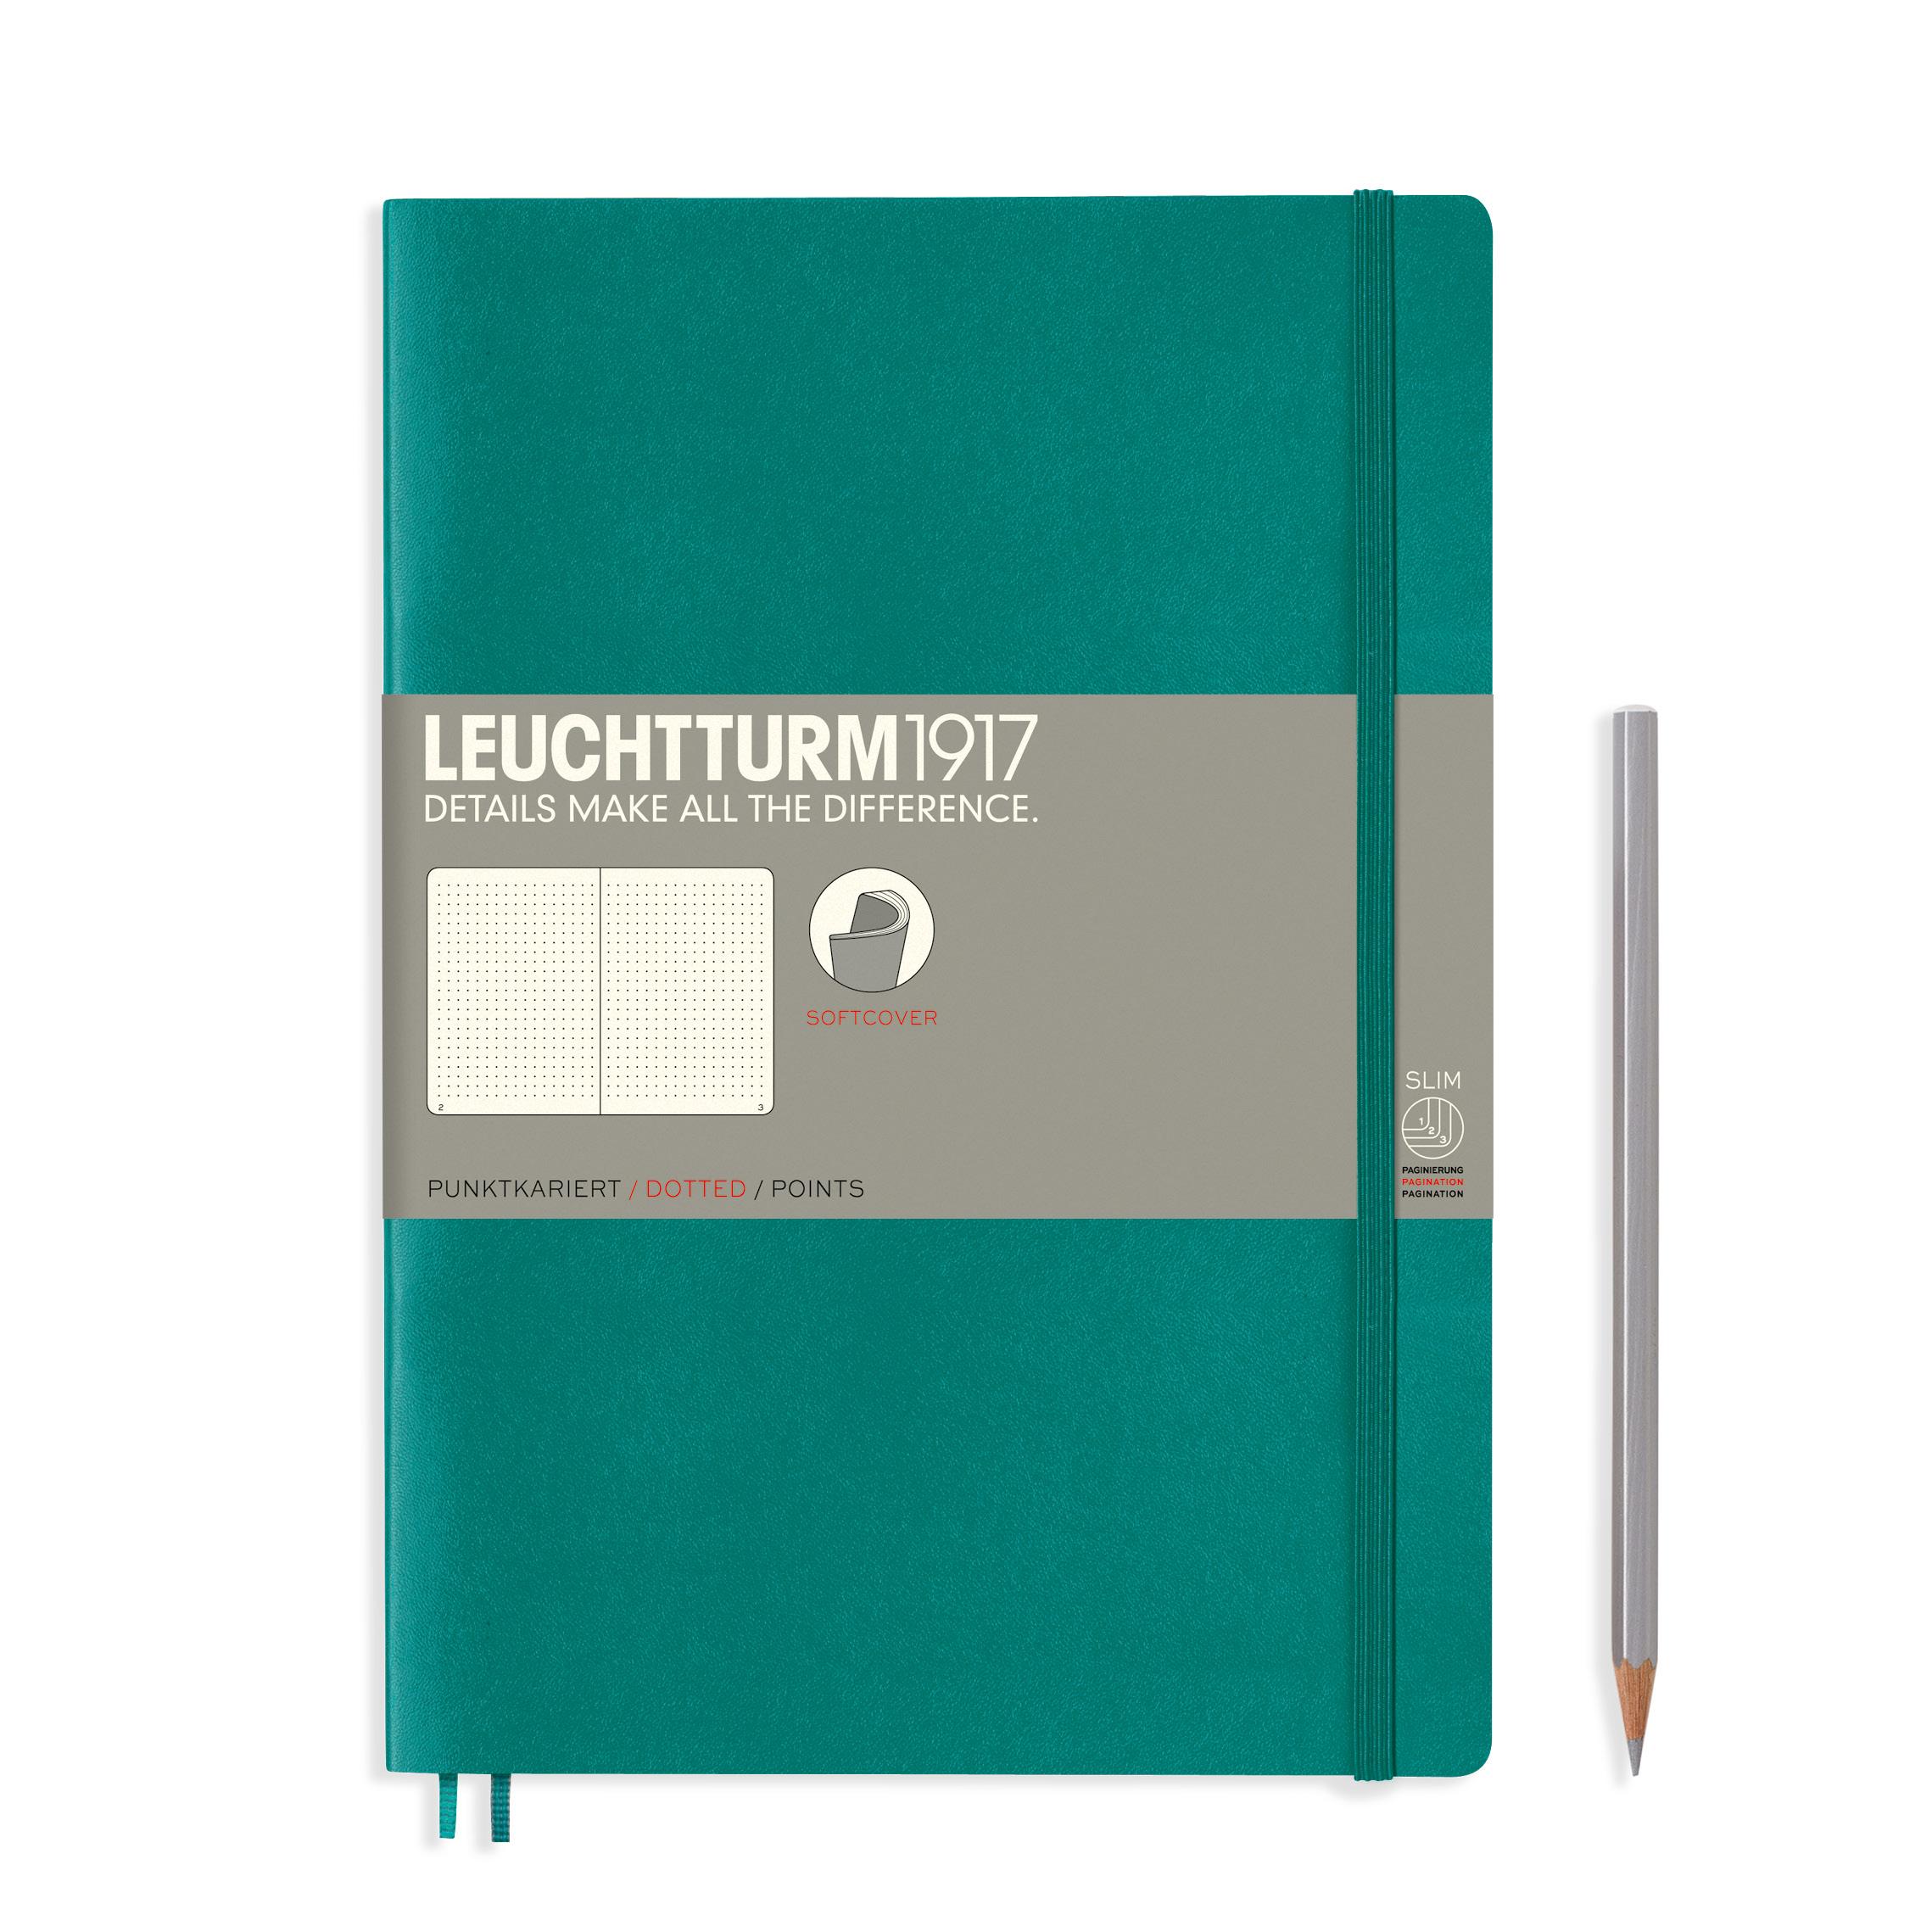 LEUCHTTURM 1917 德国灯塔 NoteBook B5软皮 LEU-349299